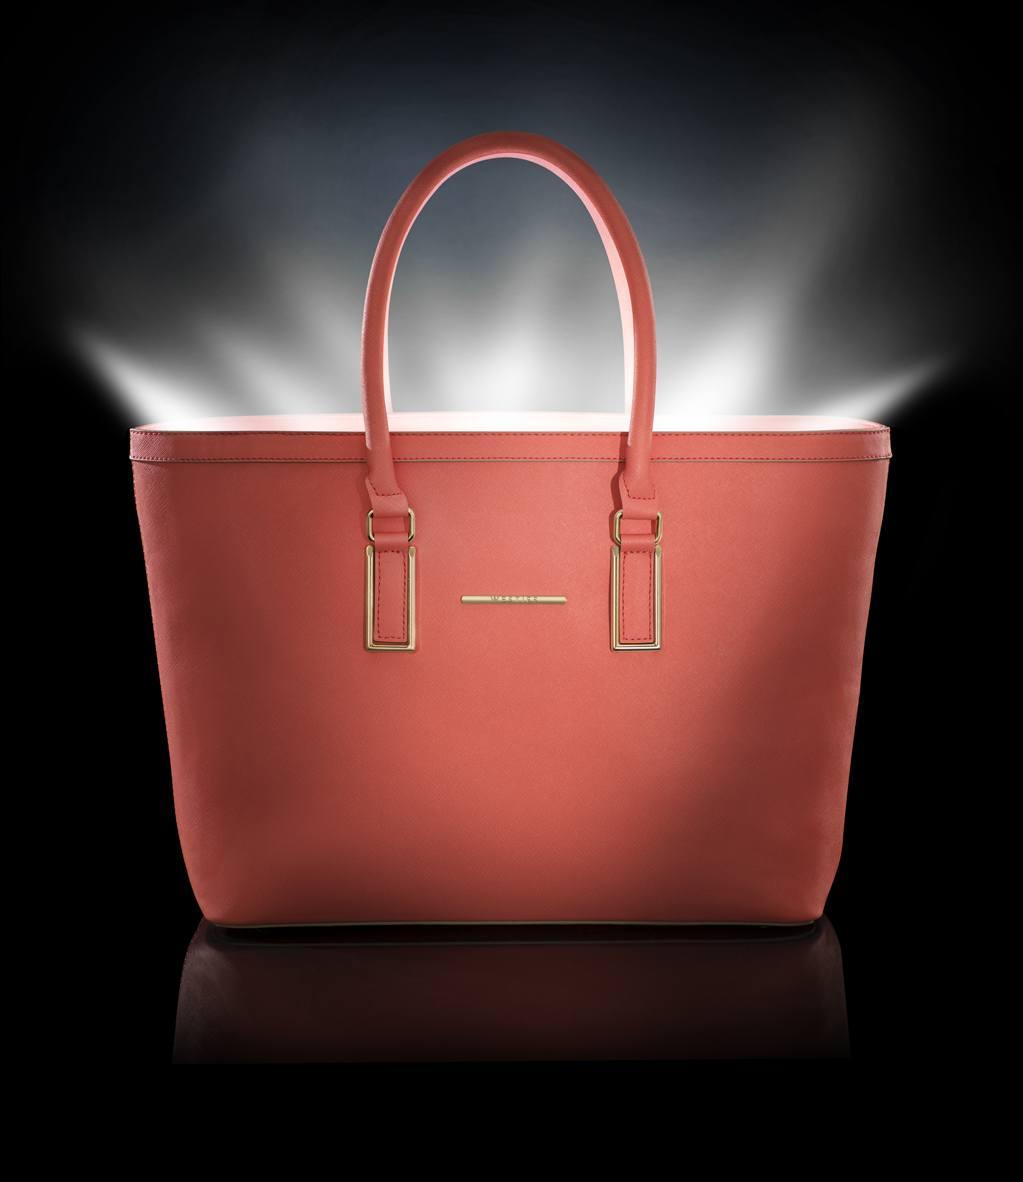 Ilumina tus momentos con IBag, the lighting bag by Westies